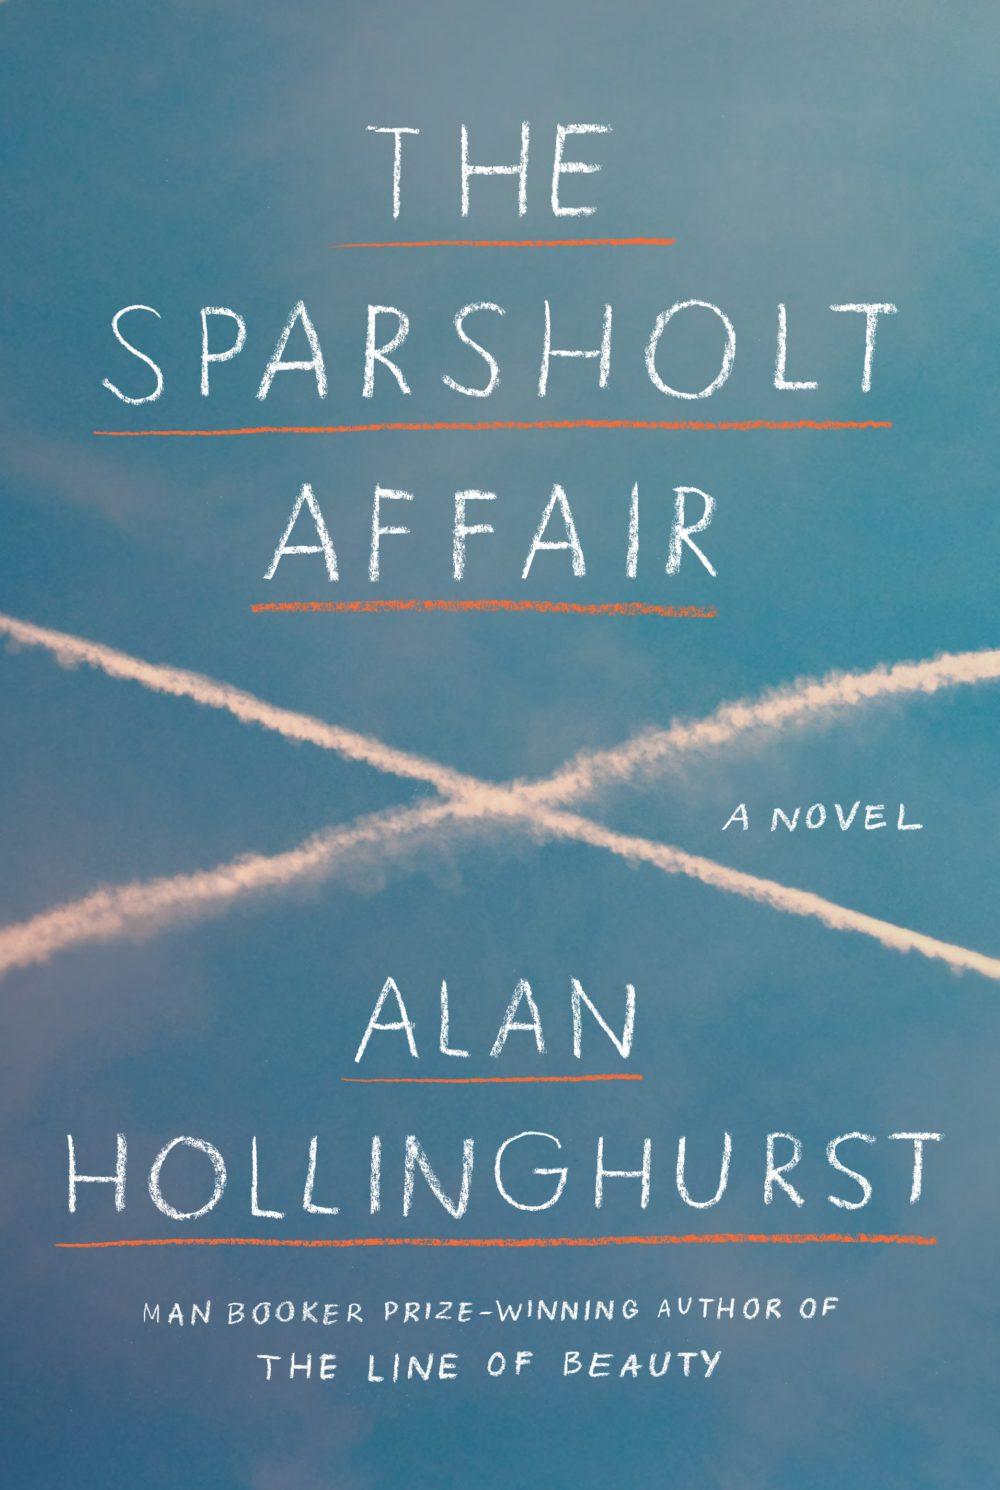 sparsholt-cover